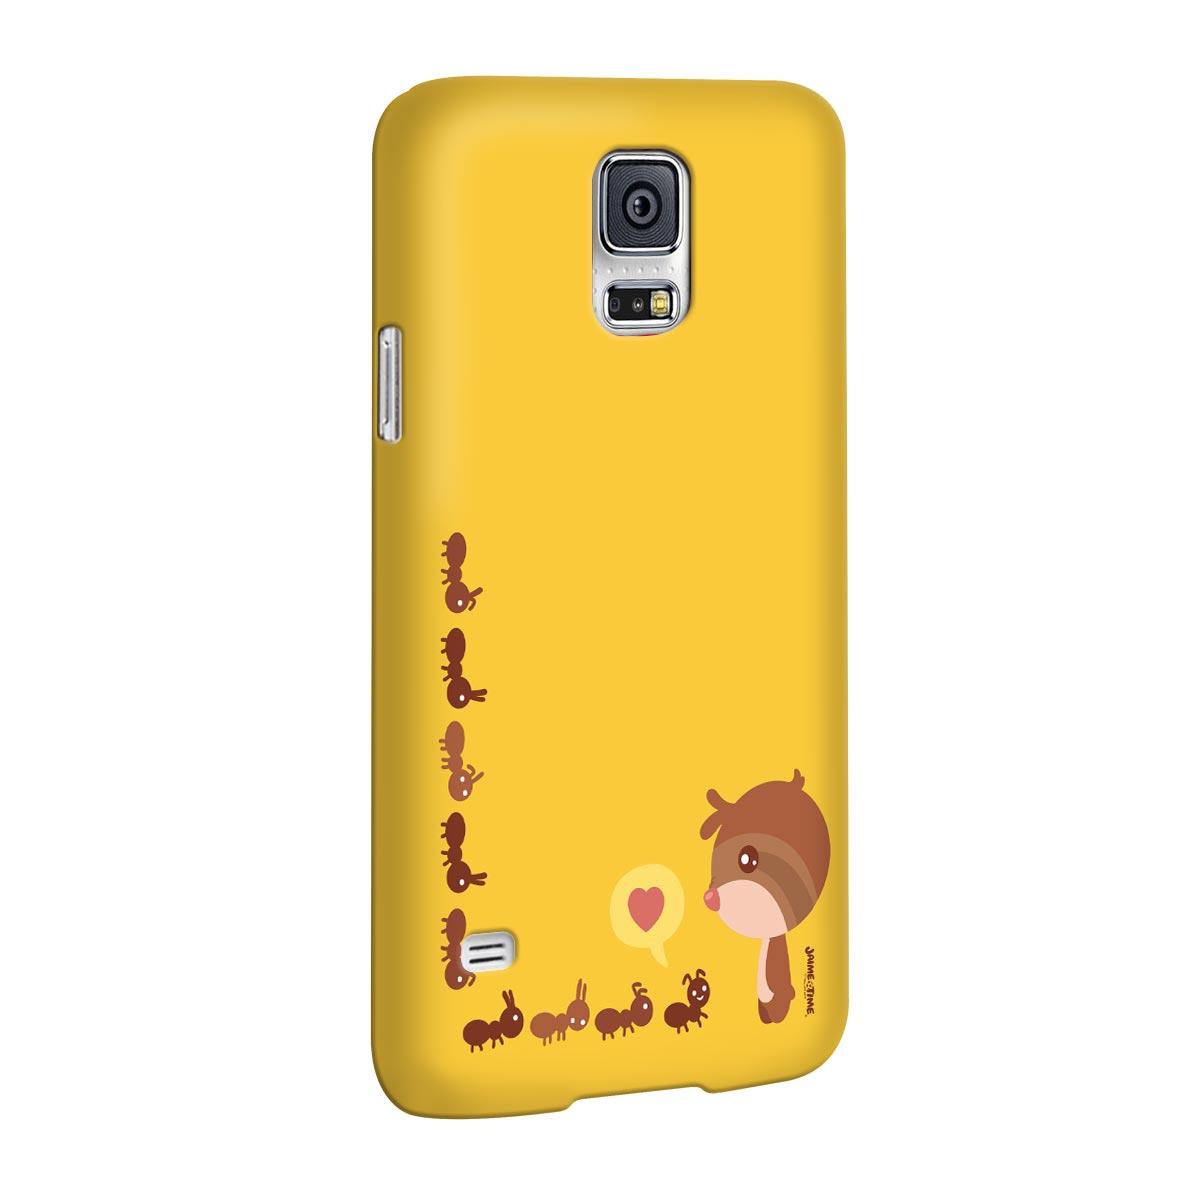 Capa para Samsung Galaxy S5 Jaime Formigas